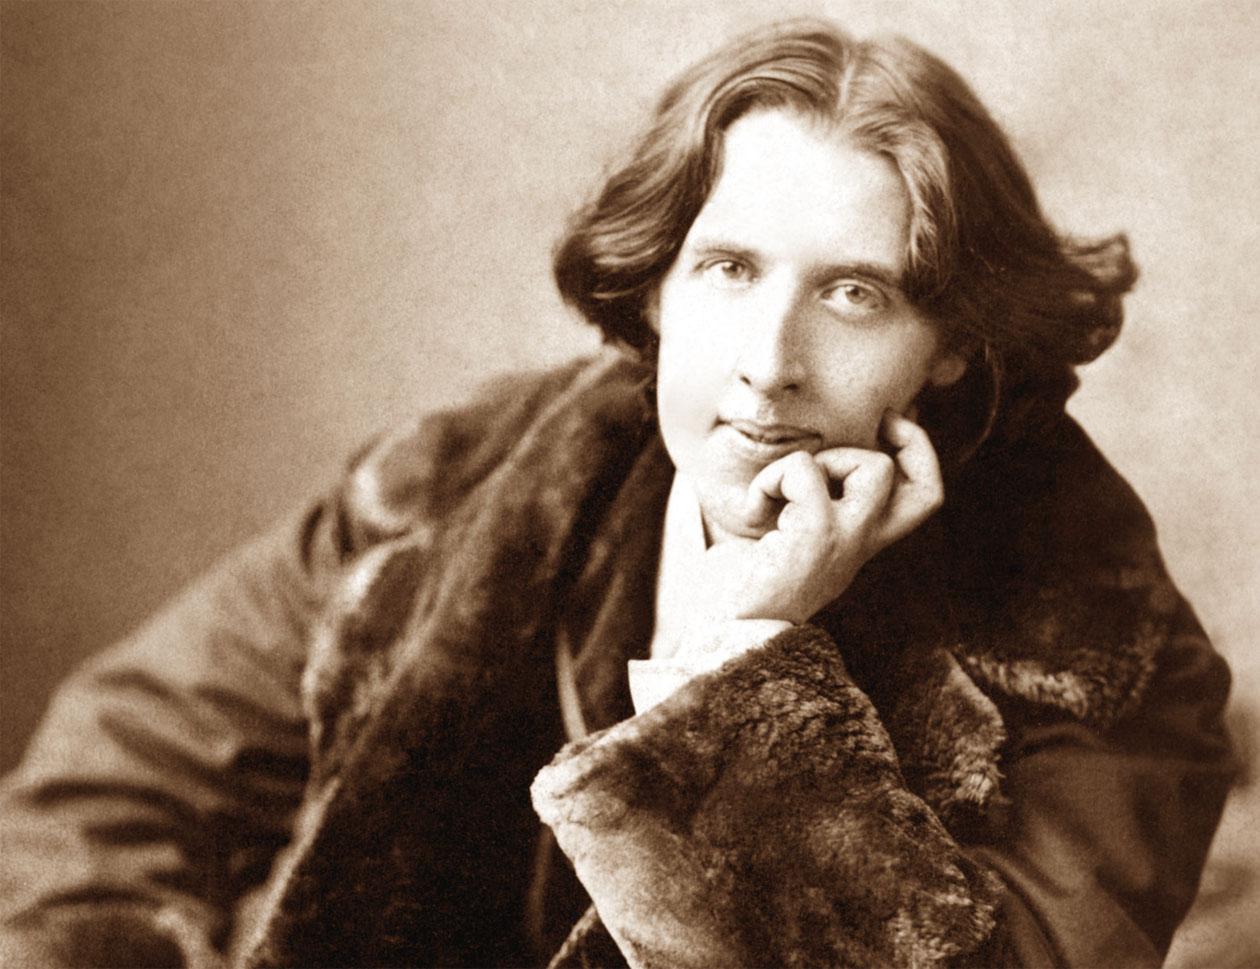 Life After Death: l'intervista allo scrittore e poeta irlandese Oscar Wilde